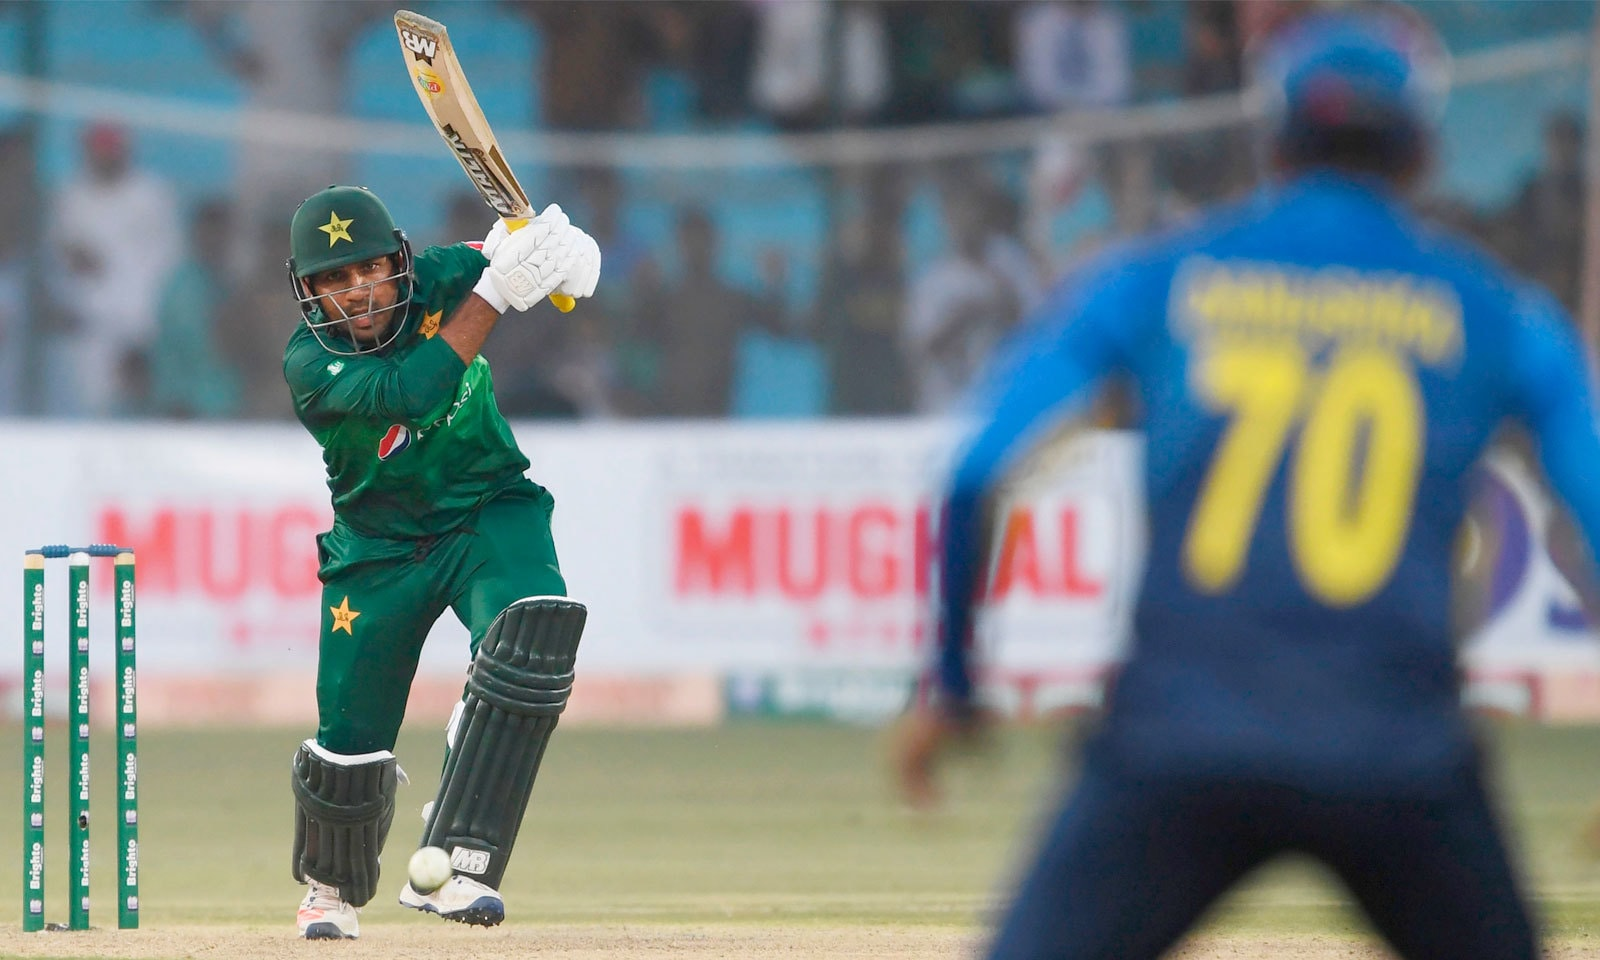 کپتان سرفراز احمد ایک مرتبہ پھر بڑی اننگز کھیلنے میں ناکام رہے— فوٹو: اے ایف پی